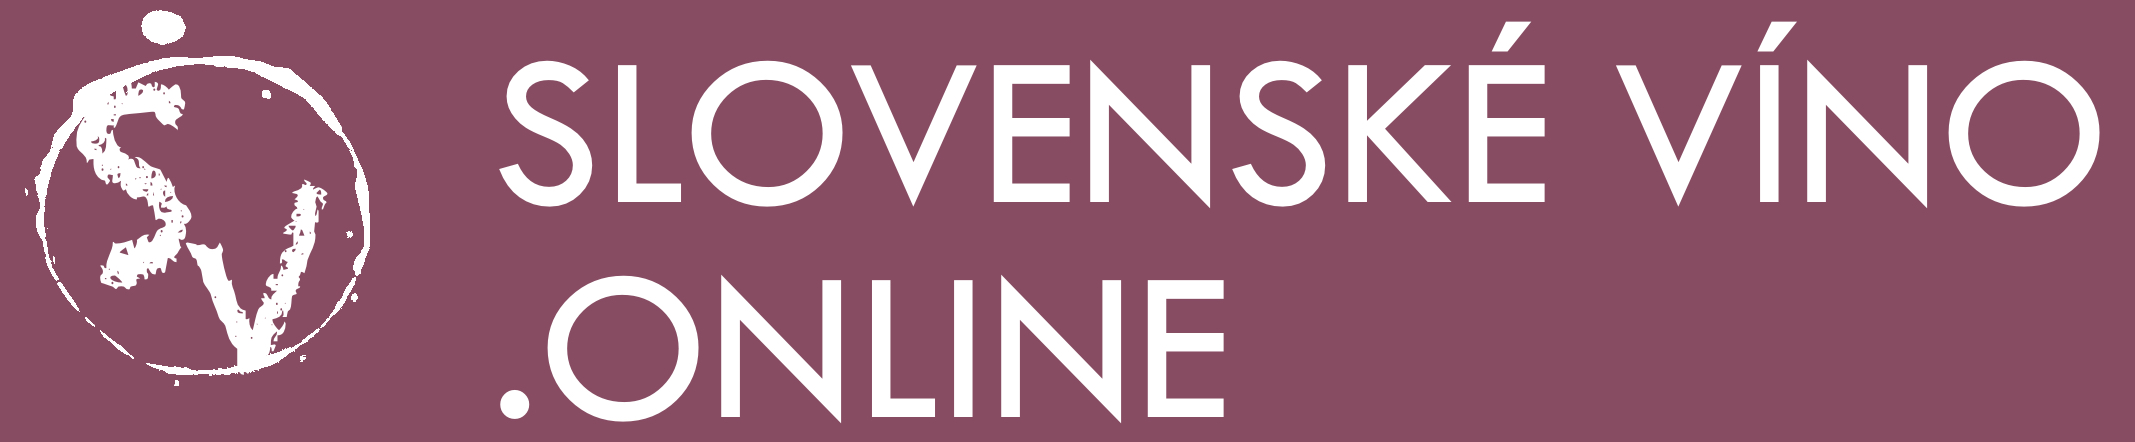 SlovenskeVino.Online